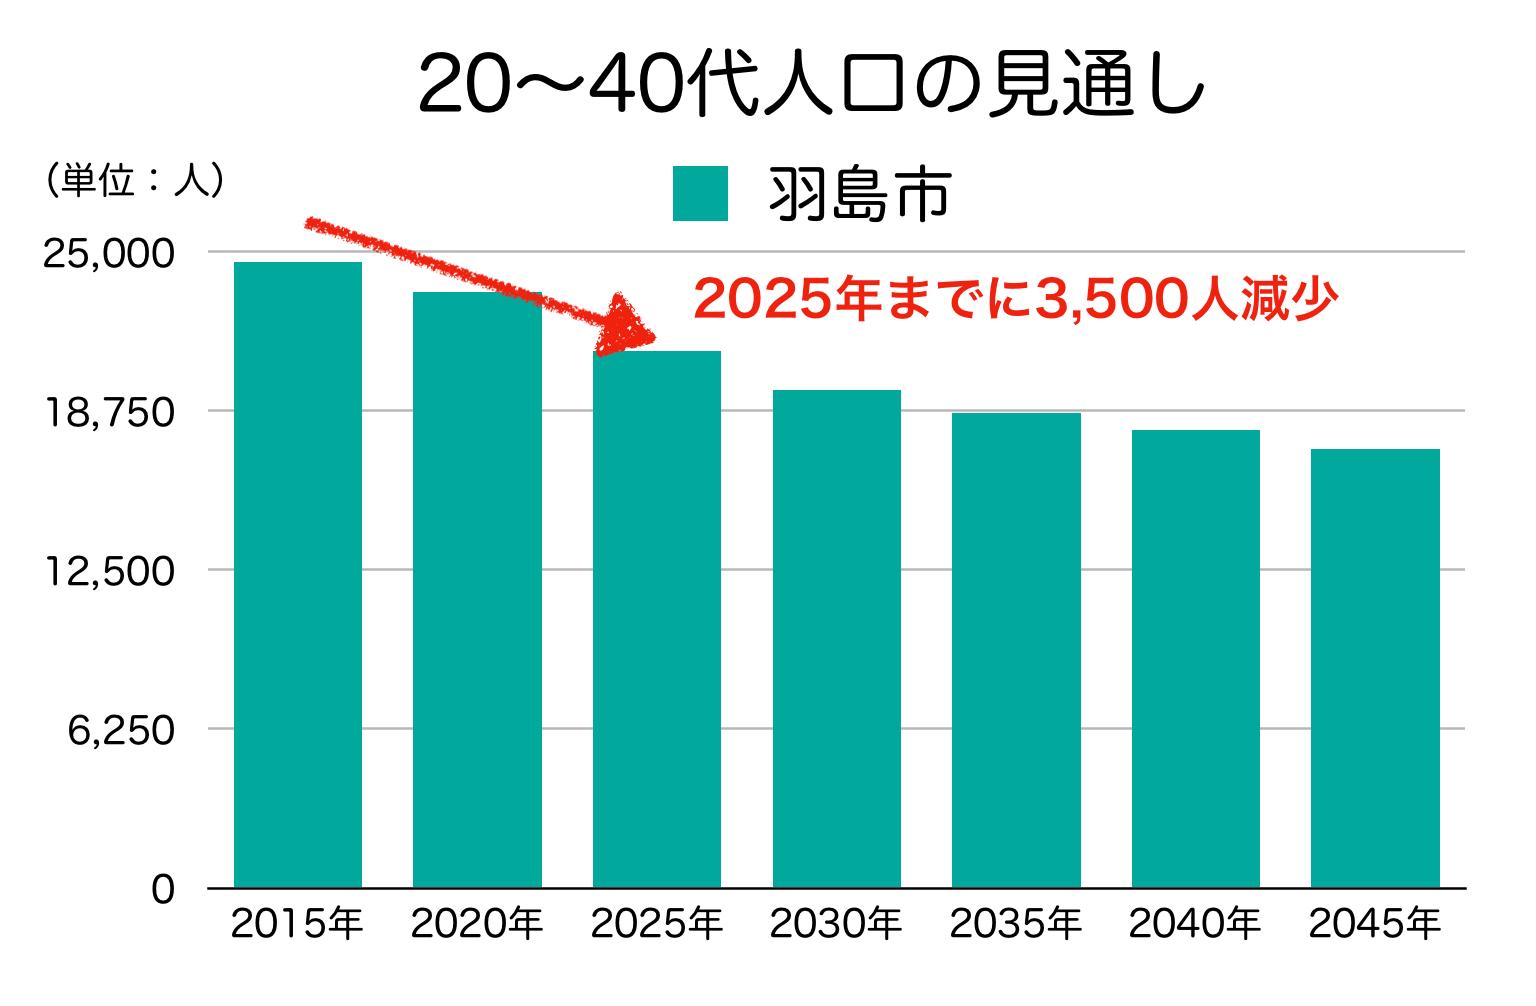 羽島市の20〜40代人口の予測